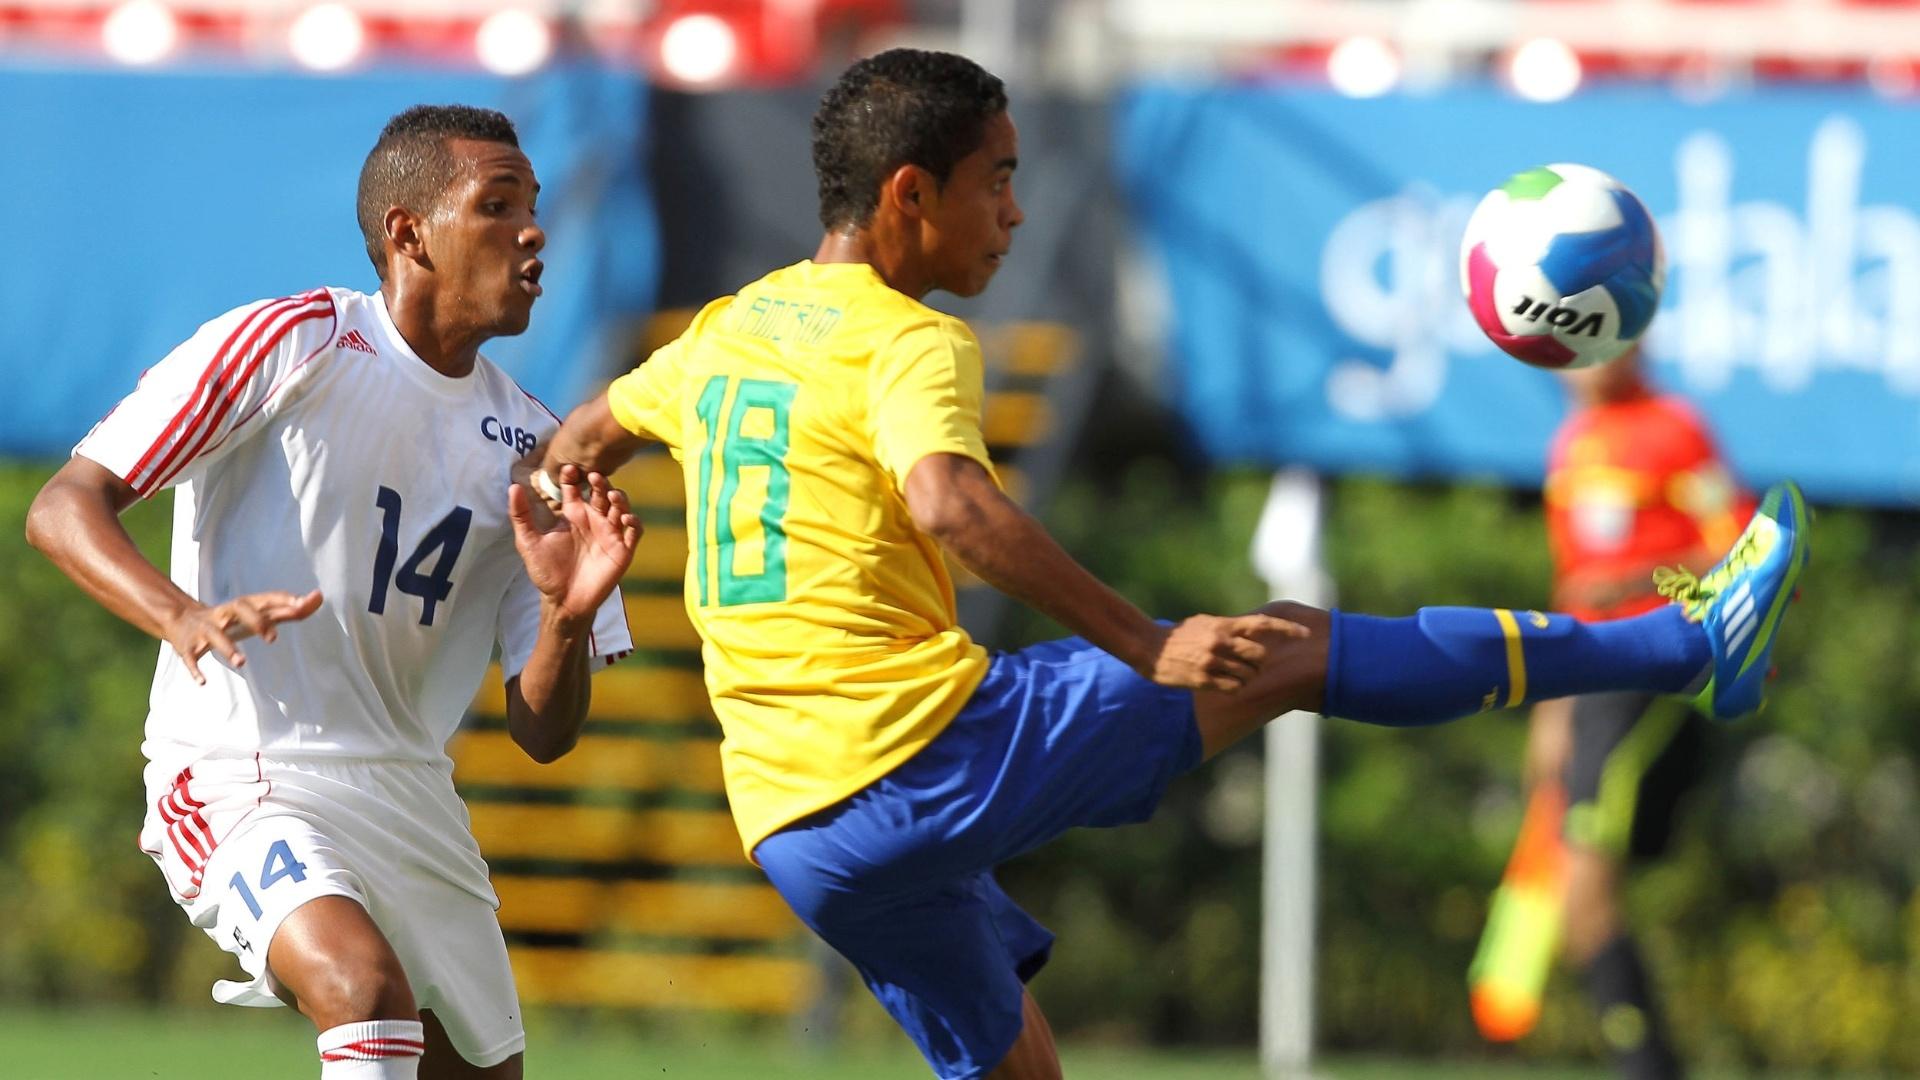 Felipe Amorim tenta dominar a bola enquanto é marcado pelo adversário no jogo entre Brasil e Cuba (21/10/2011)